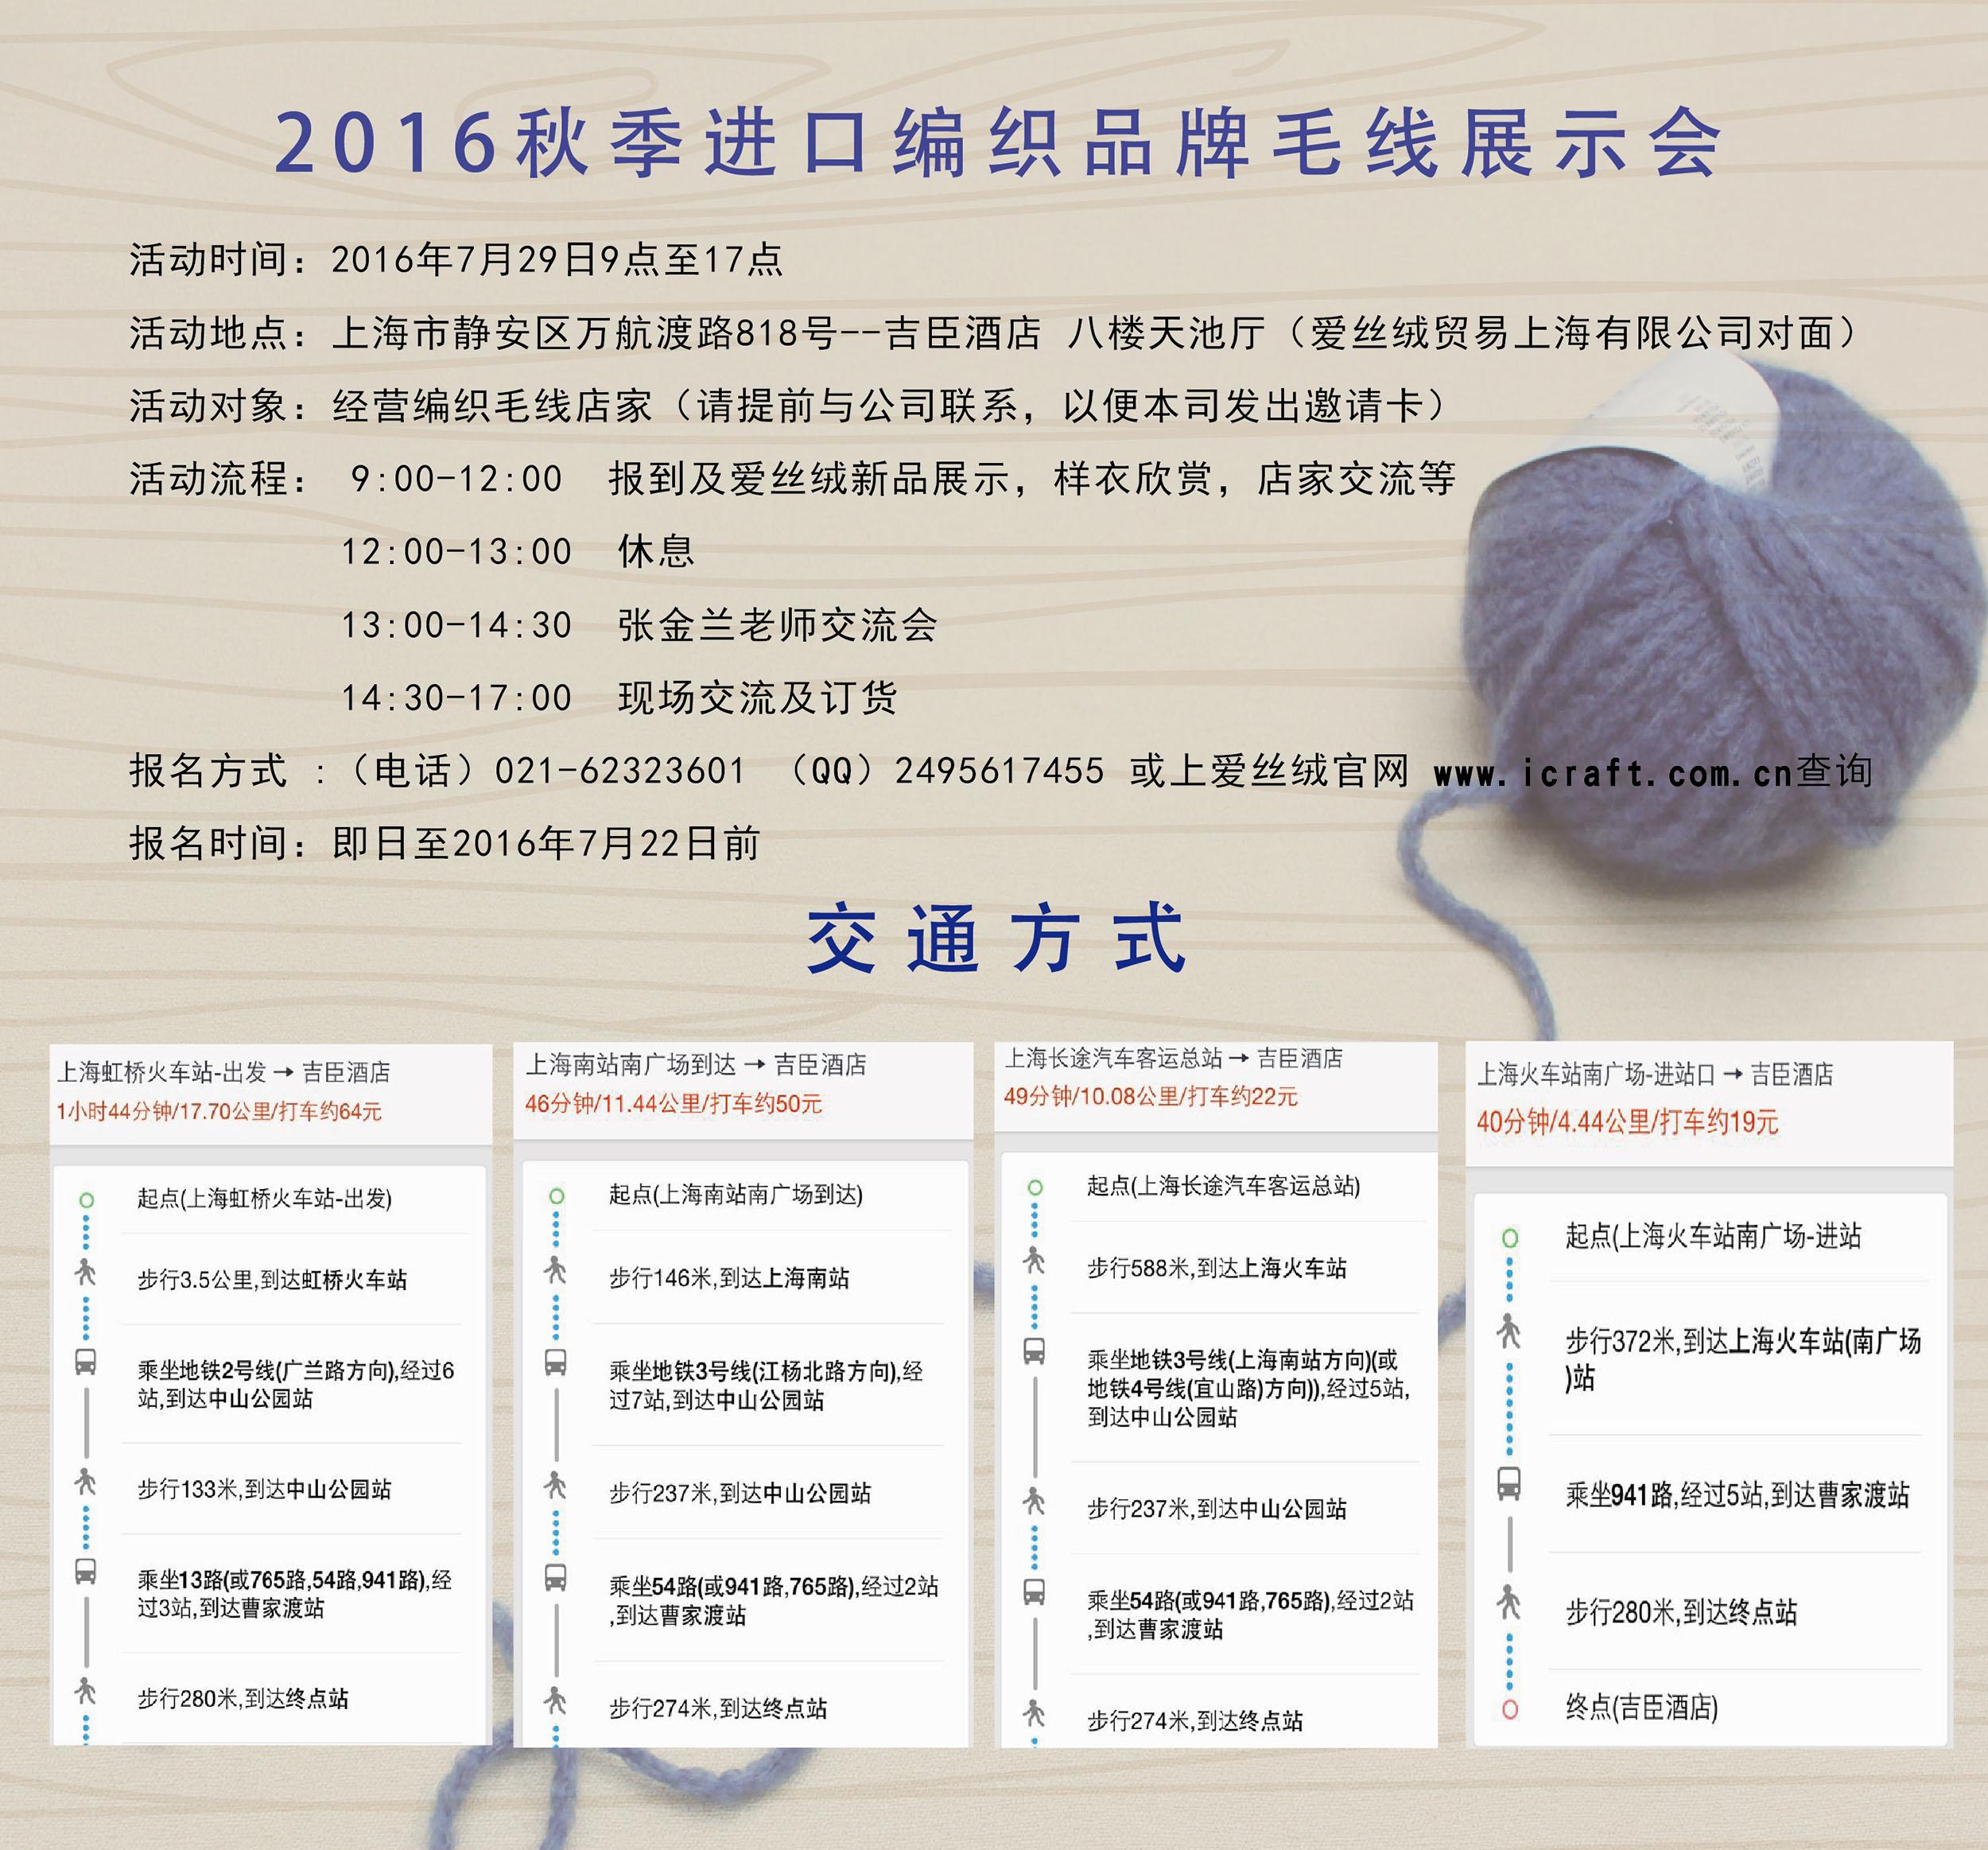 上海讲习BN-修改.jpg